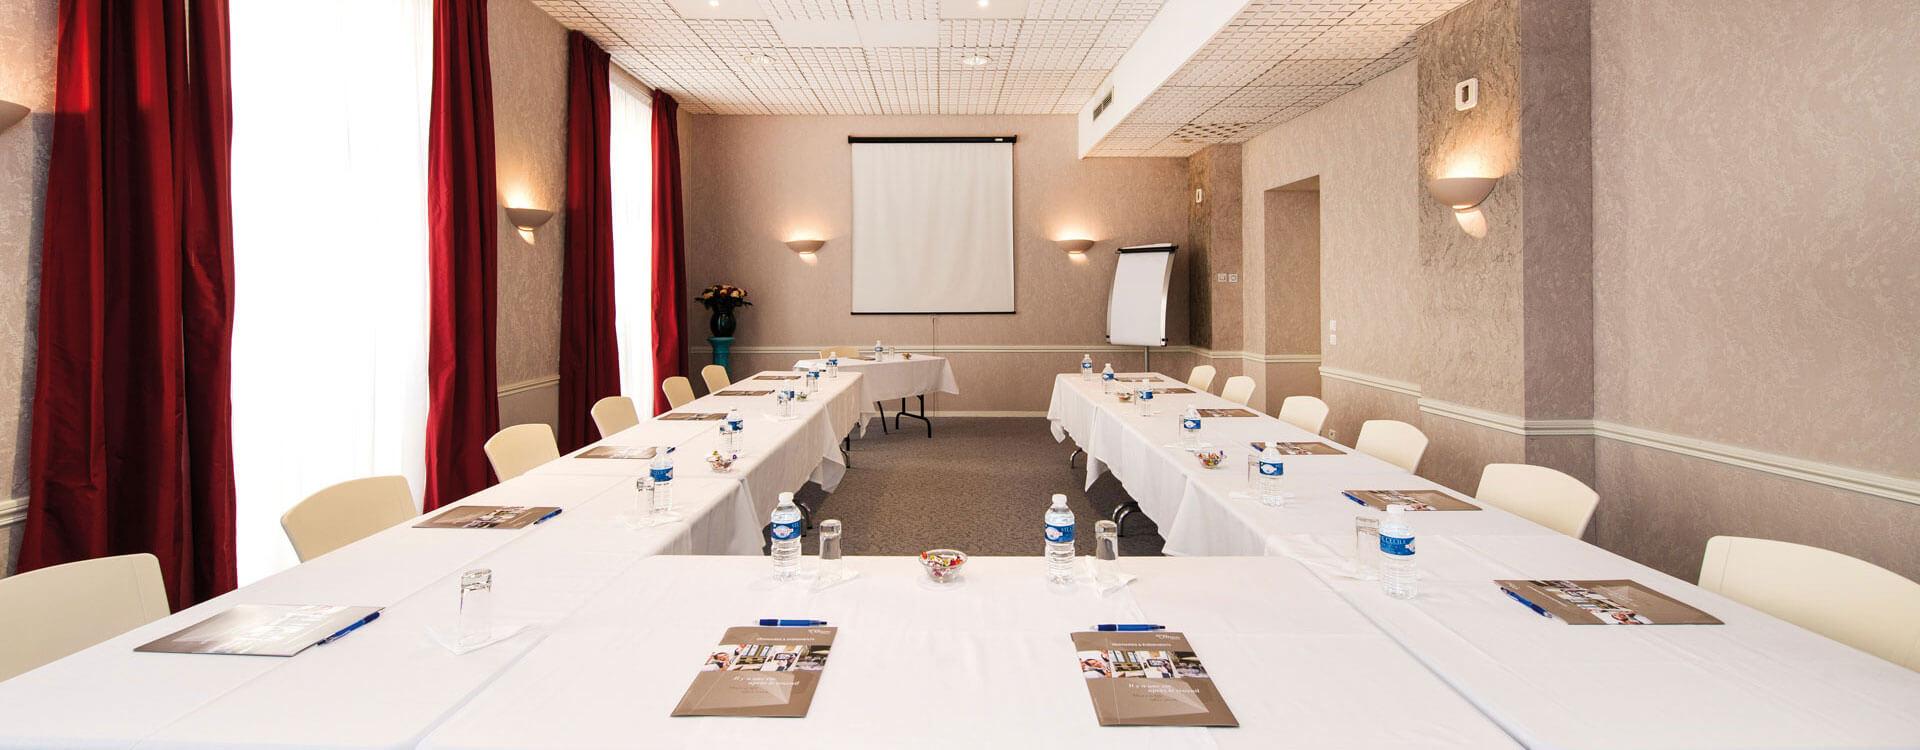 Salle de réunion - Hôtel*** Royal Westminster à Menton